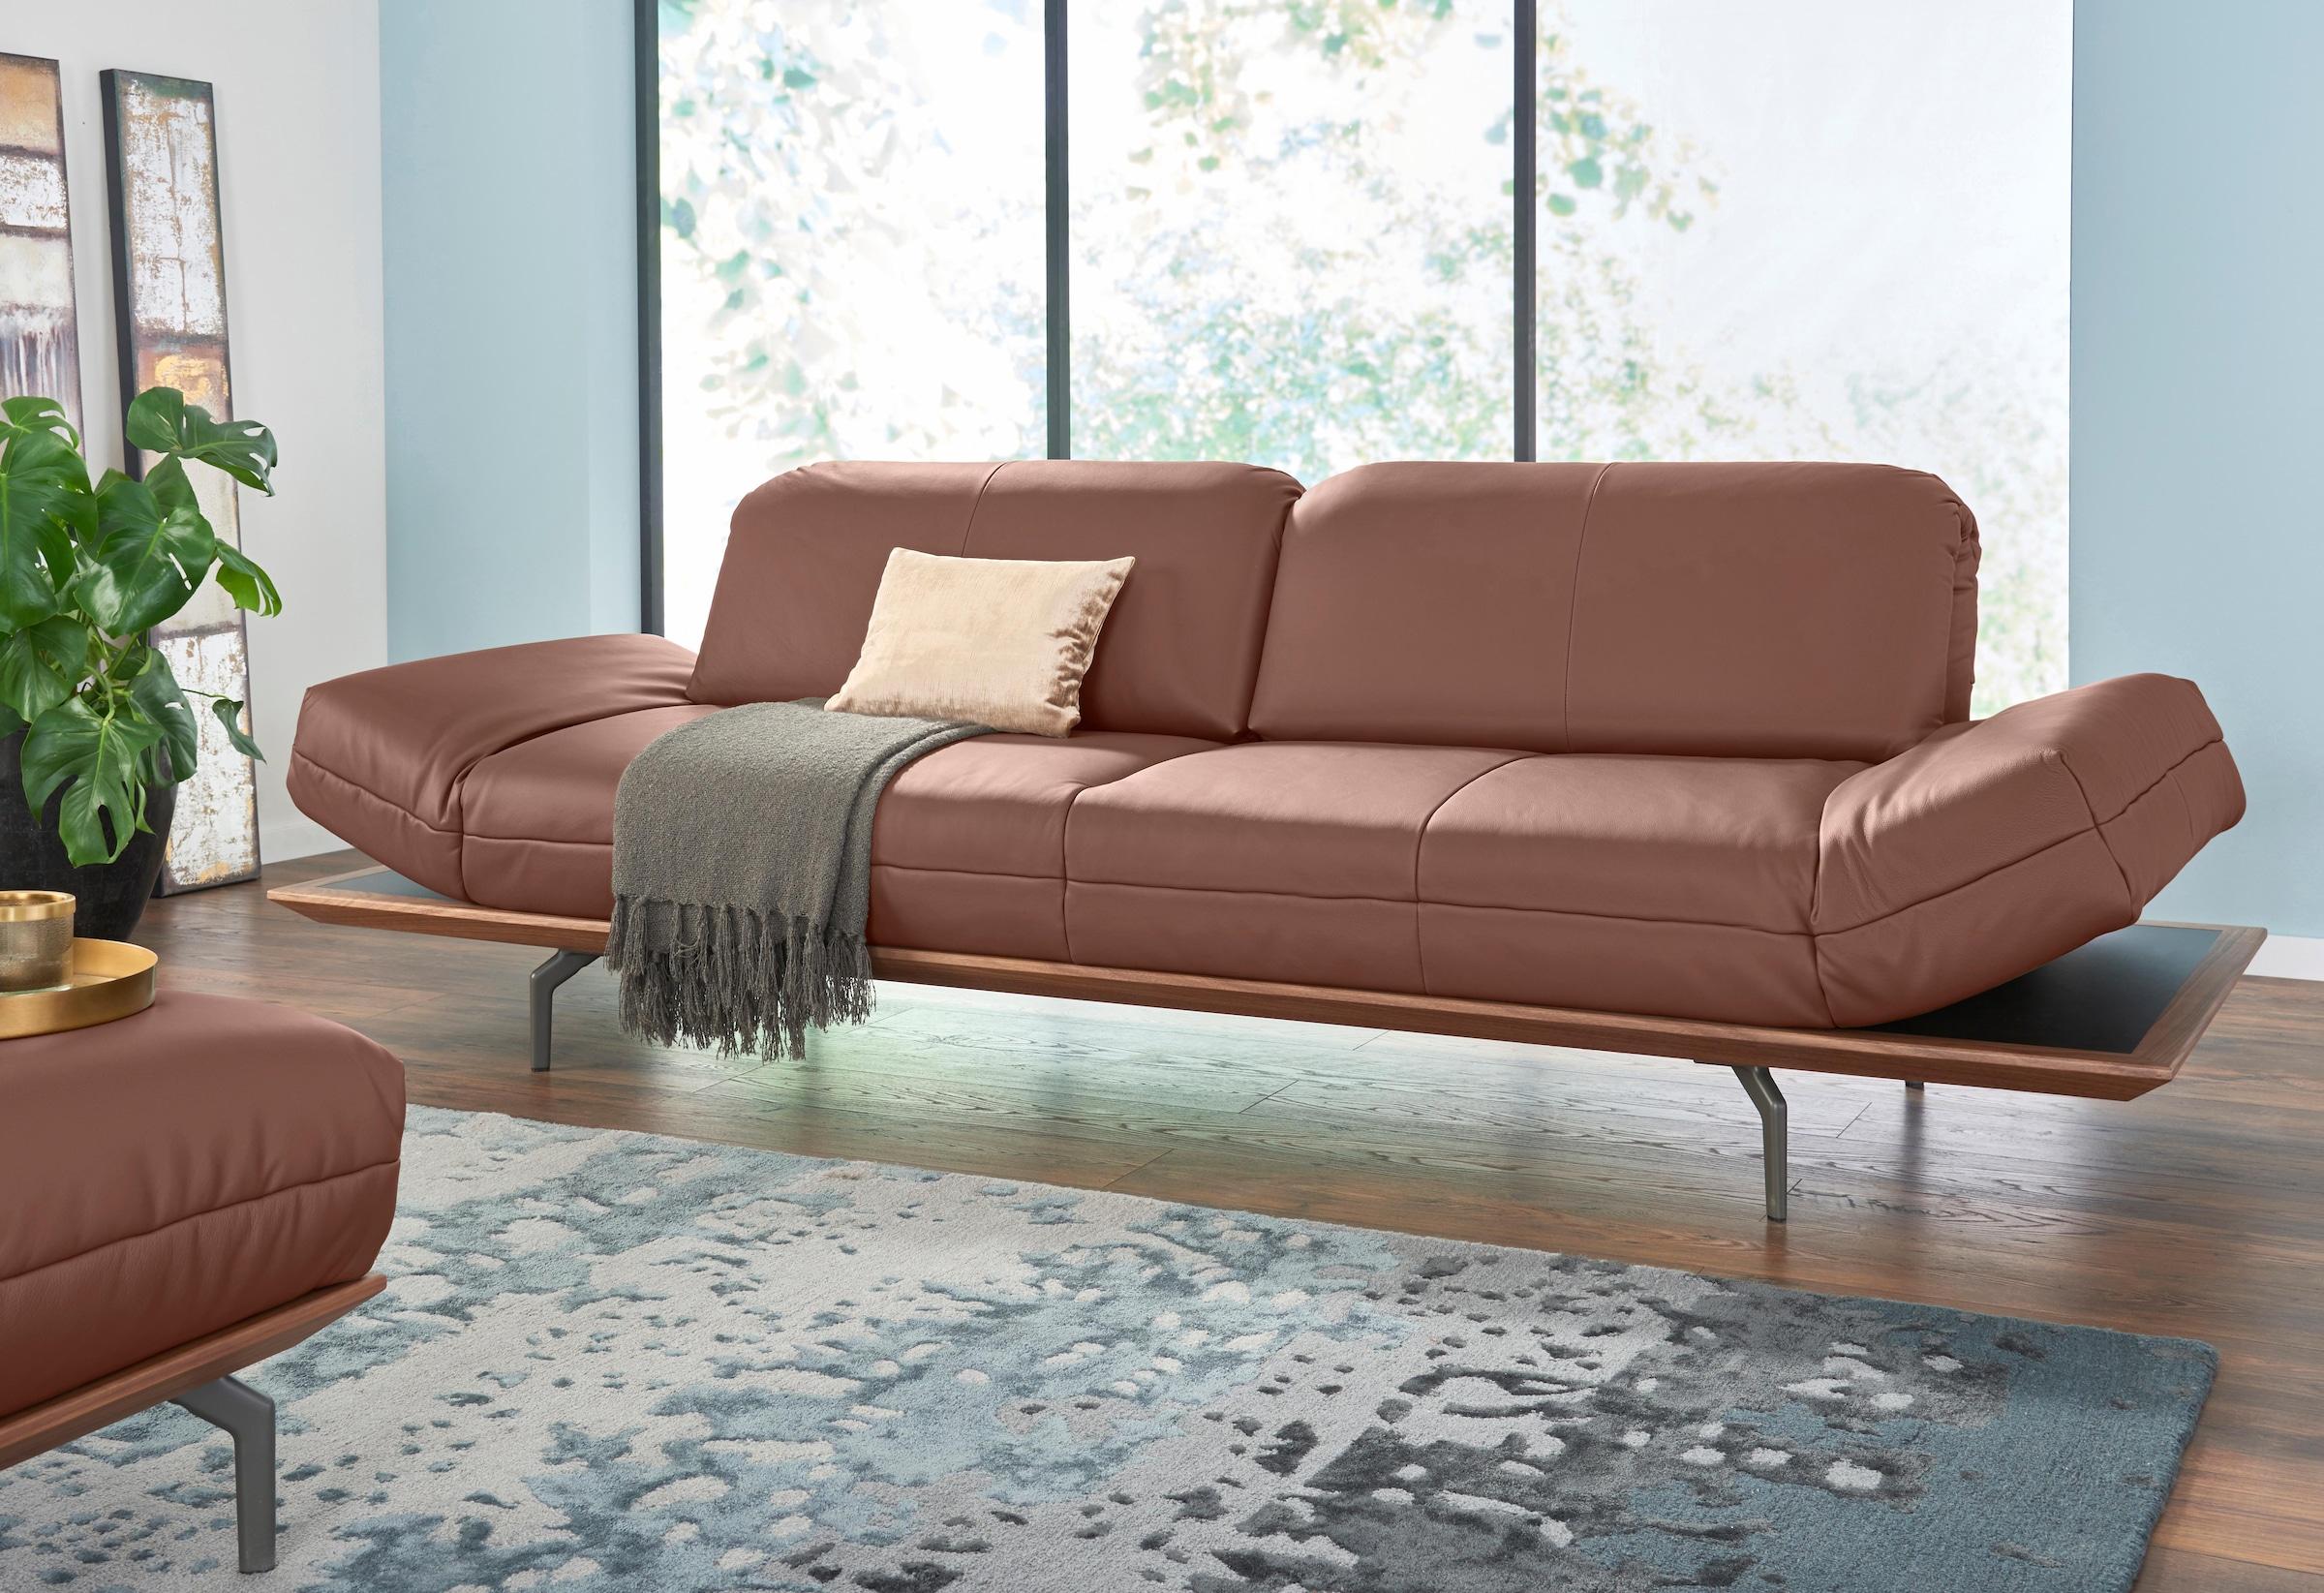 420« Sofa BestellenBaur 3 Hülsta Sitzer »hs tsQrhdC